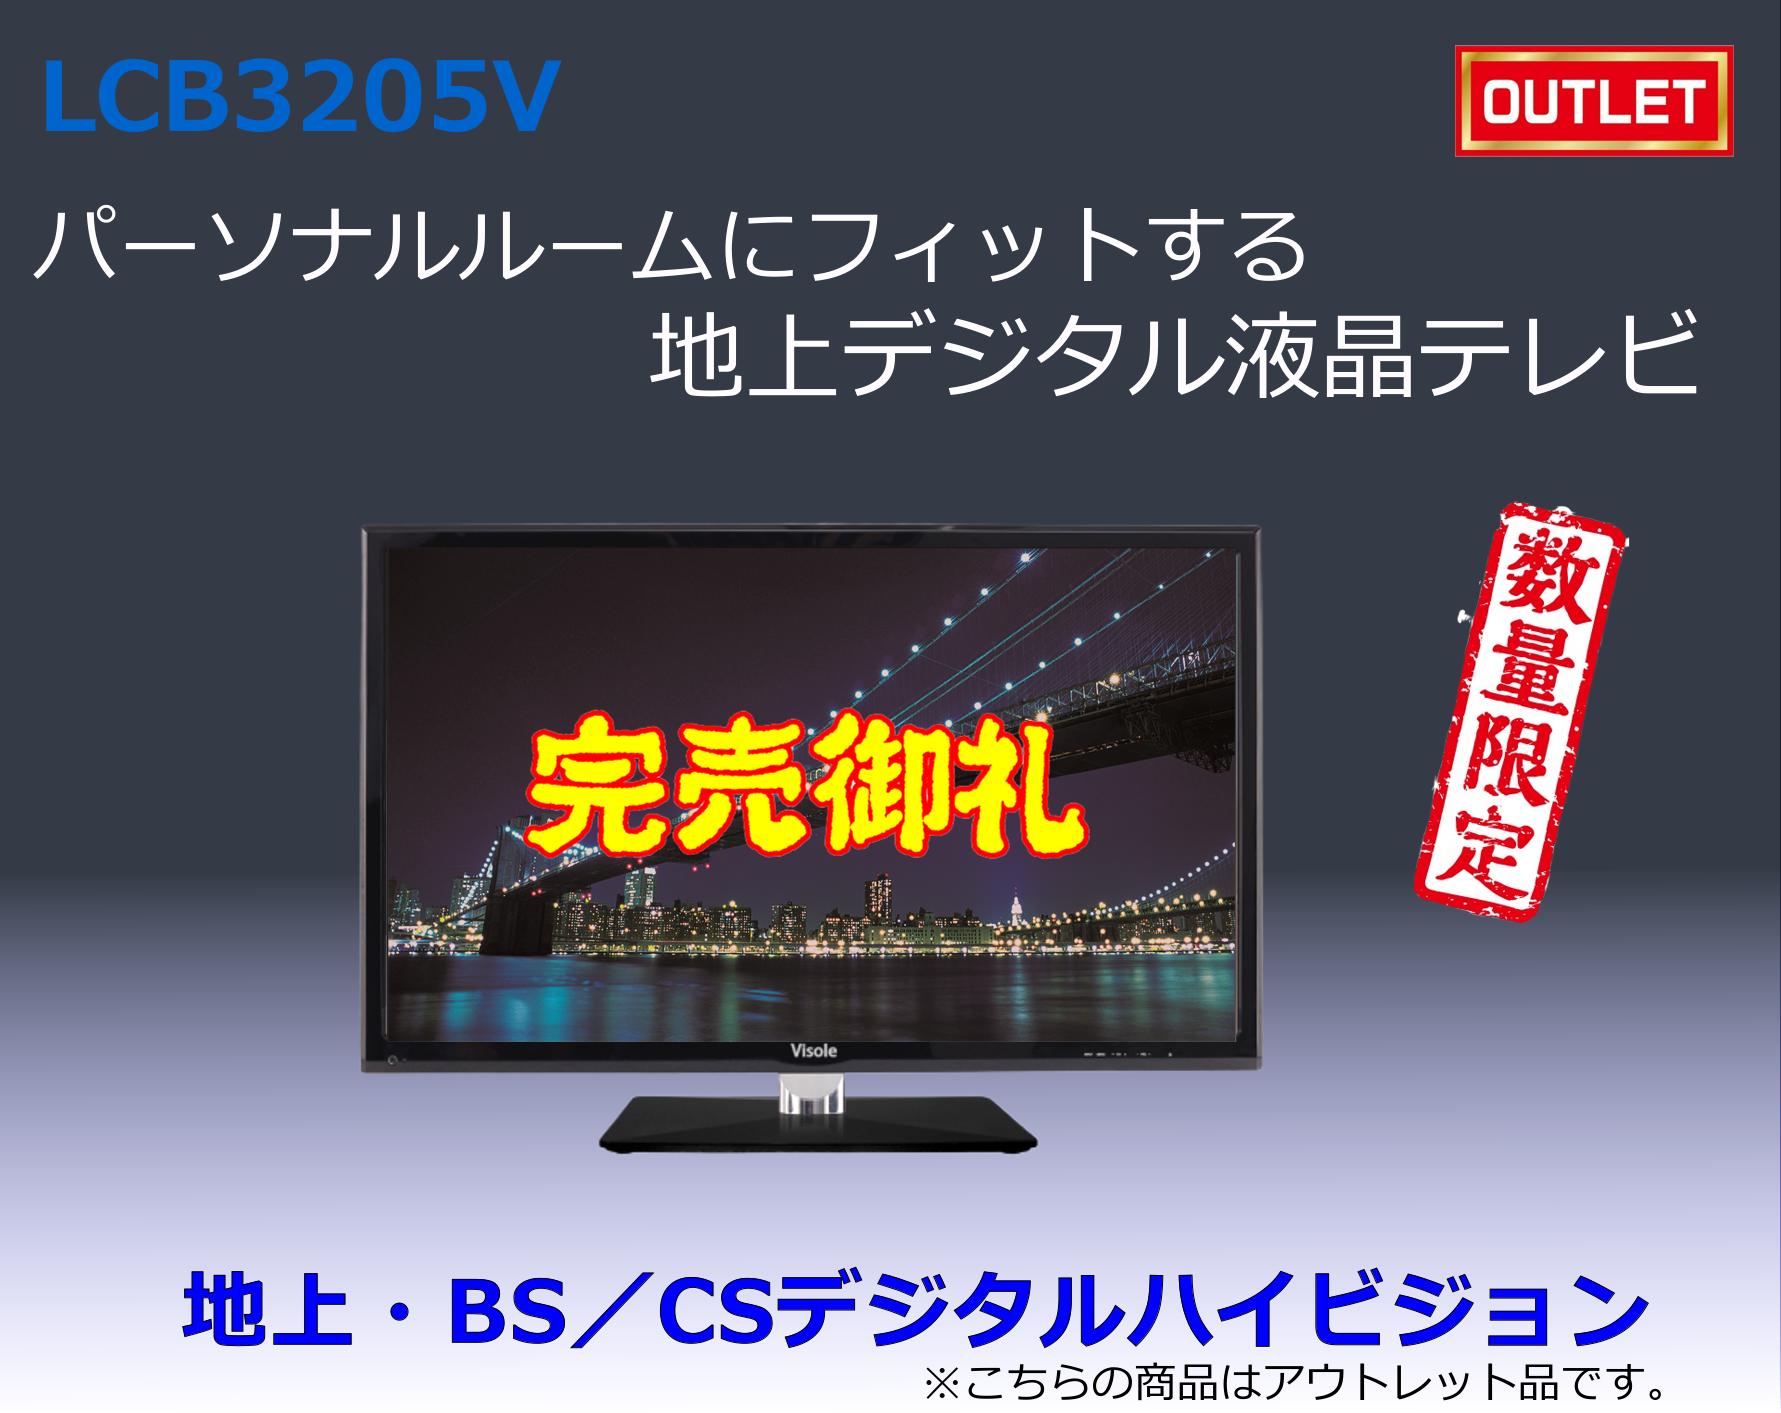 ハイビジョン液晶テレビ LCB3205V(32V型)画像